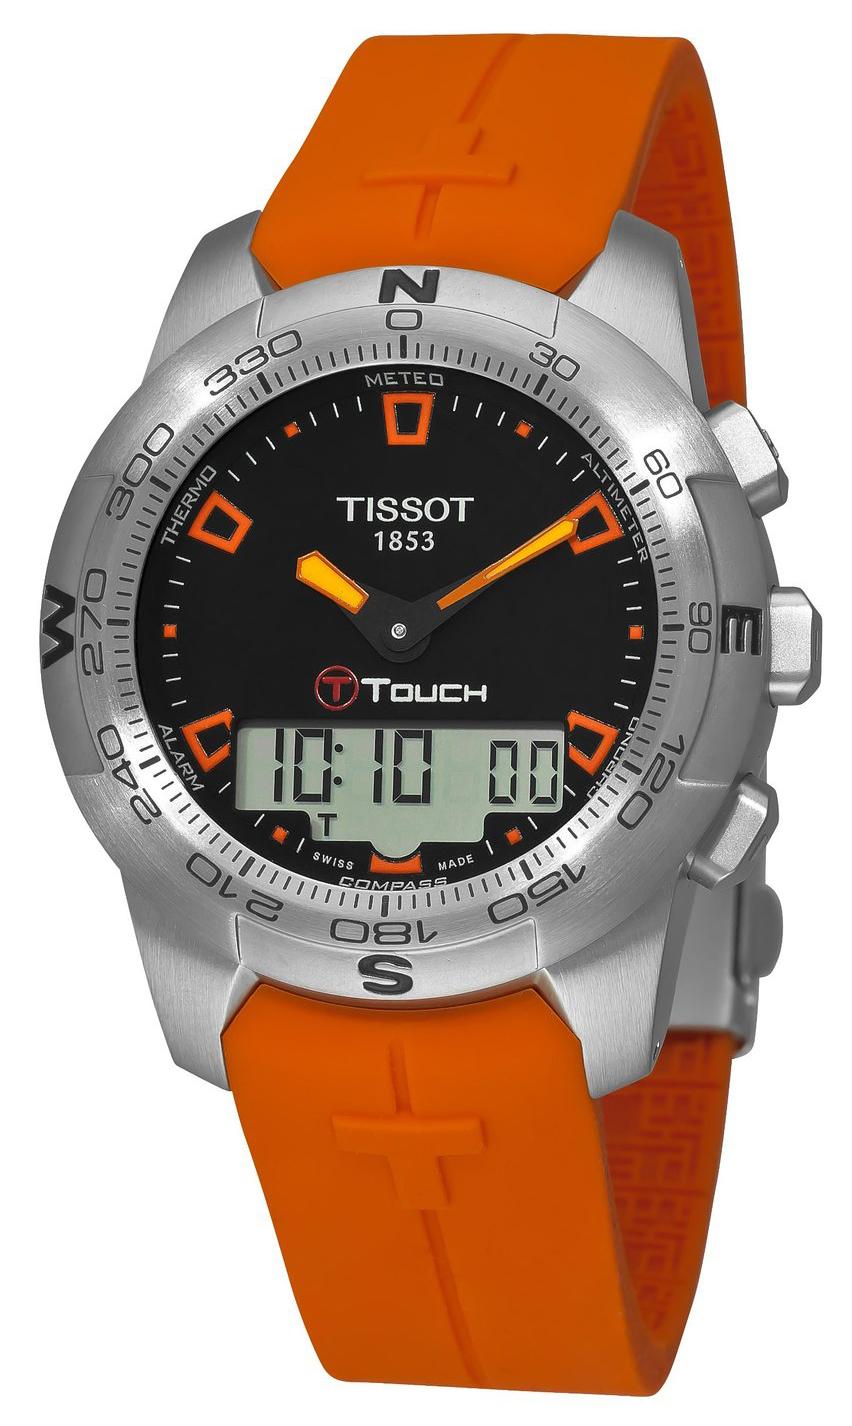 Tissot Herrklocka T047.420.17.051.01 Svart/Gummi Ø43 mm - Tissot